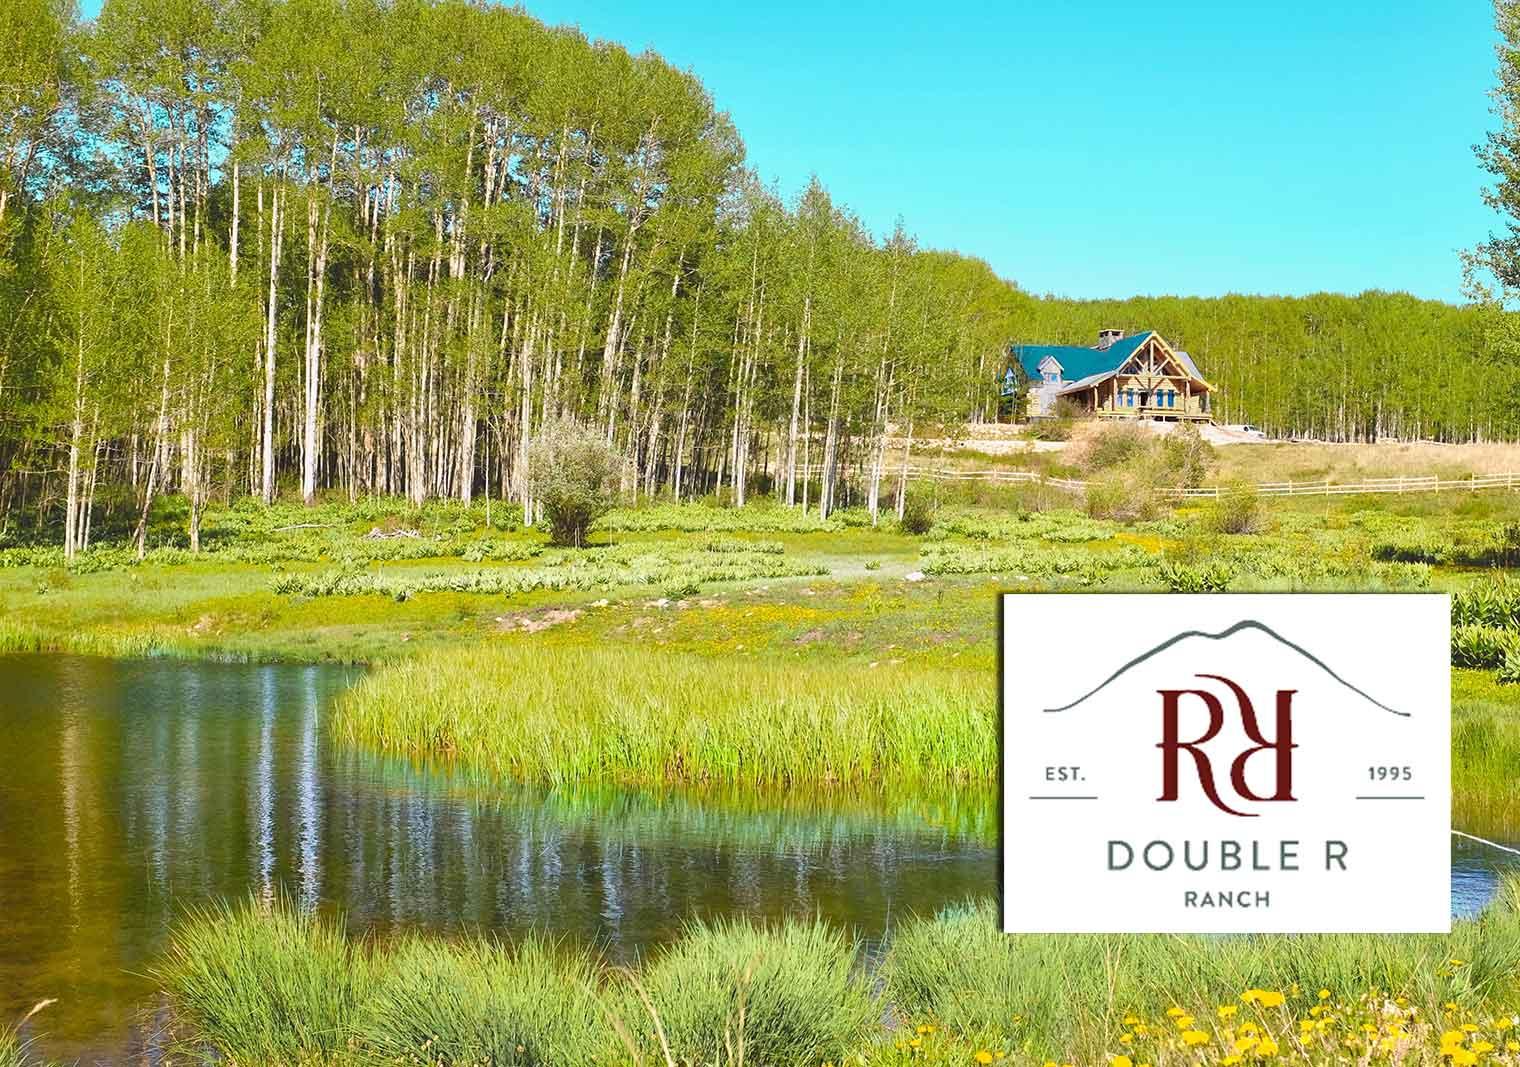 Double R Ranch, Mancos Colorado